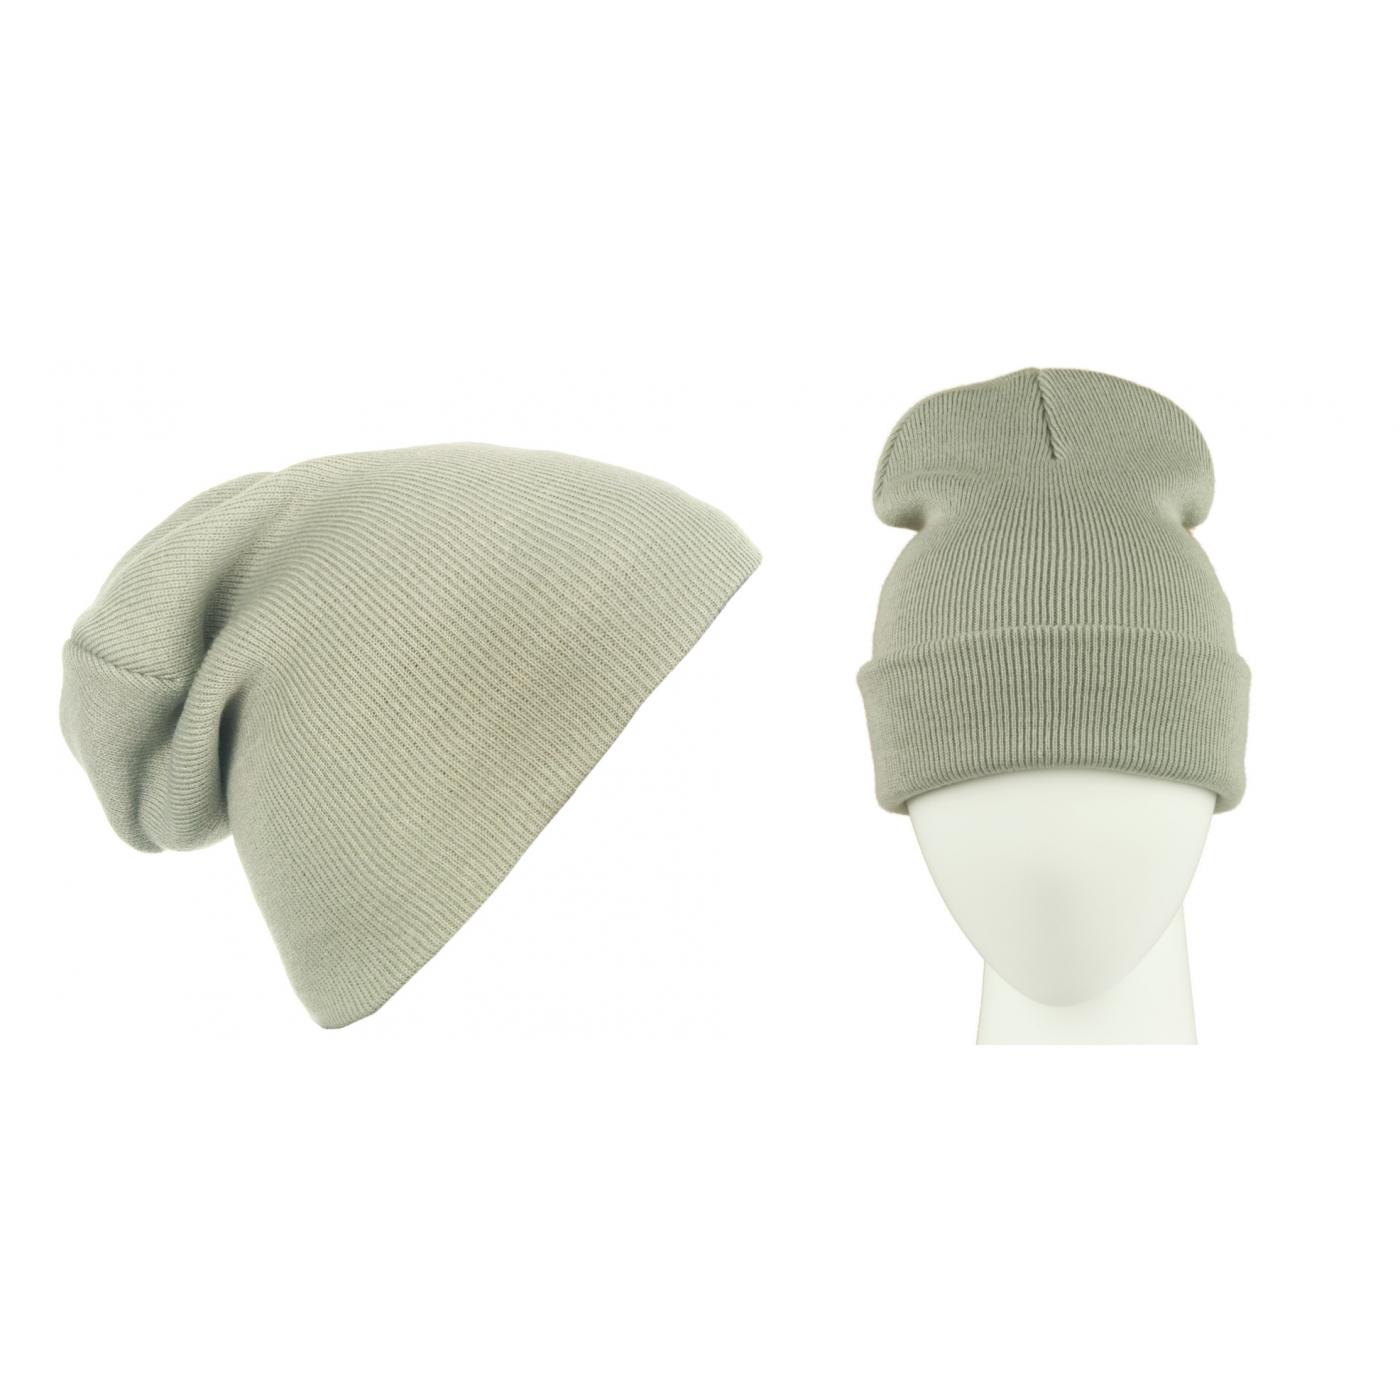 Męska czapka zimowa krasnal 3w1 - jasnoszara